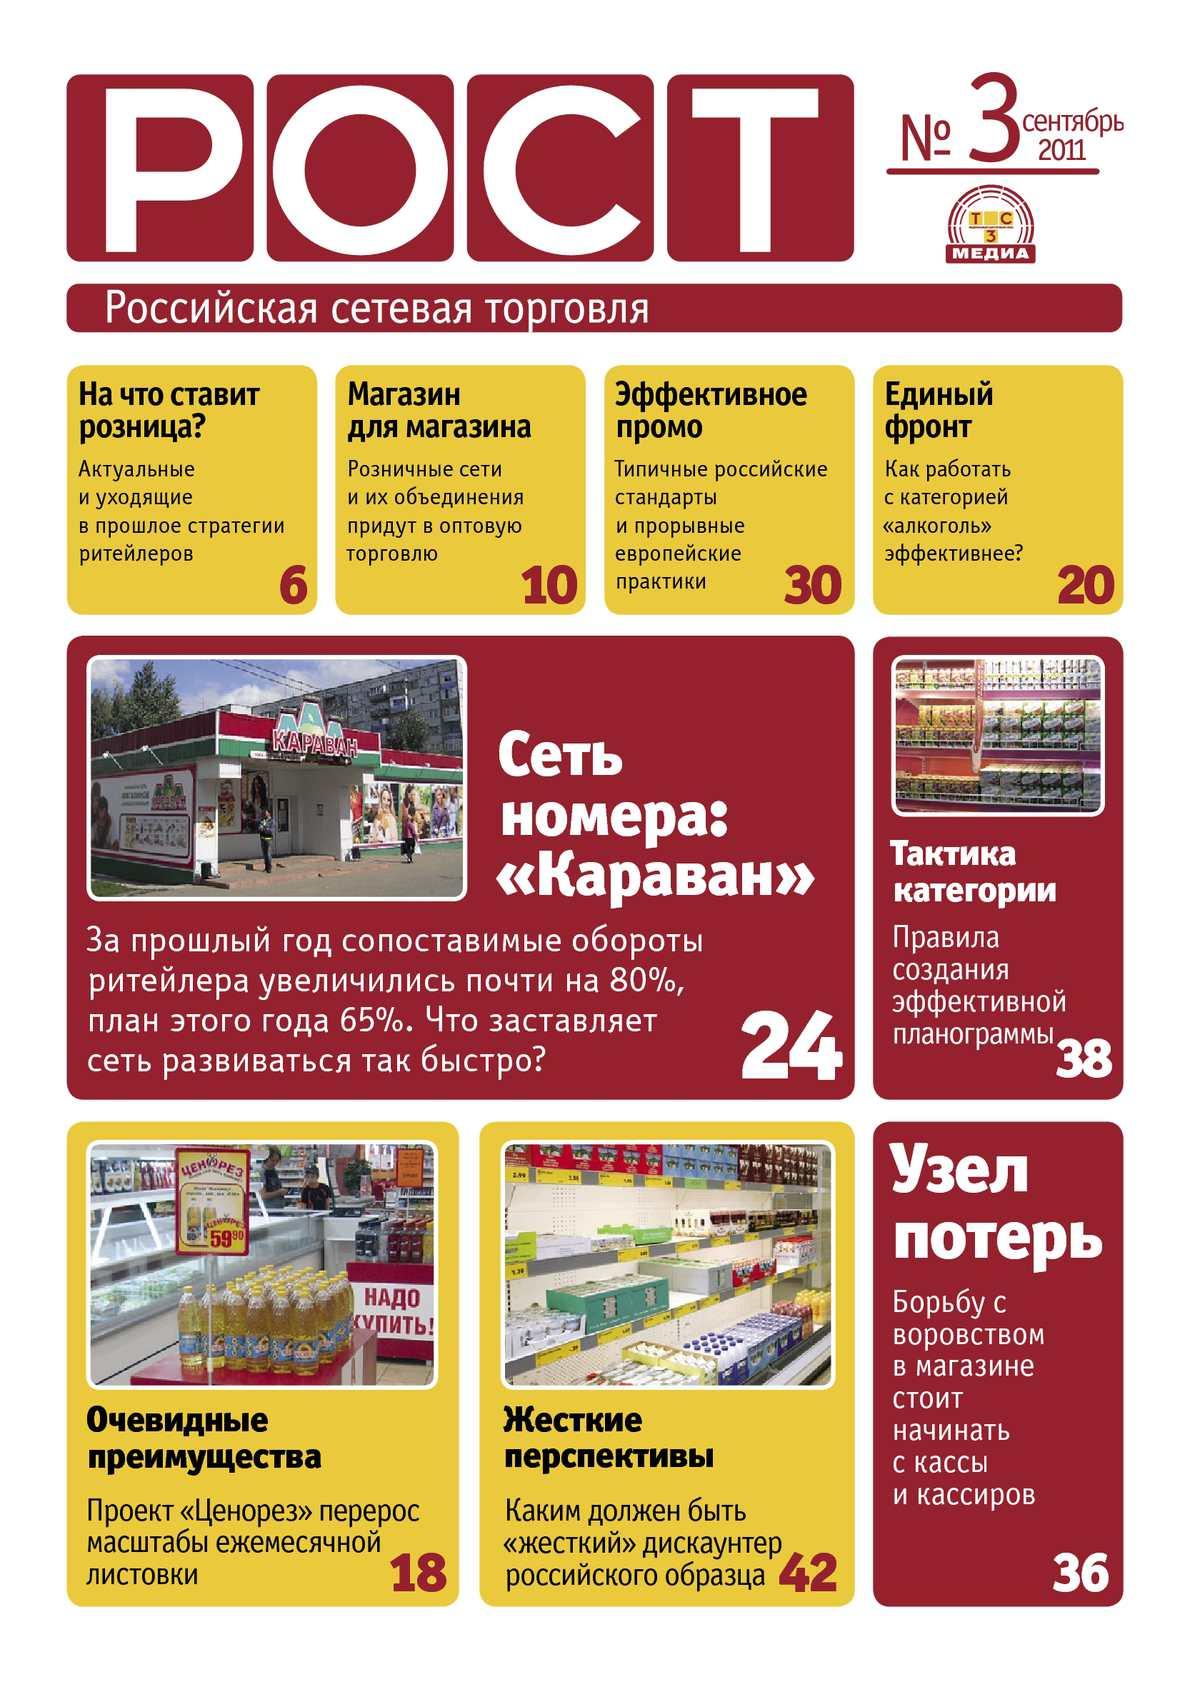 РОСТ. Российская сетевая торговля #3